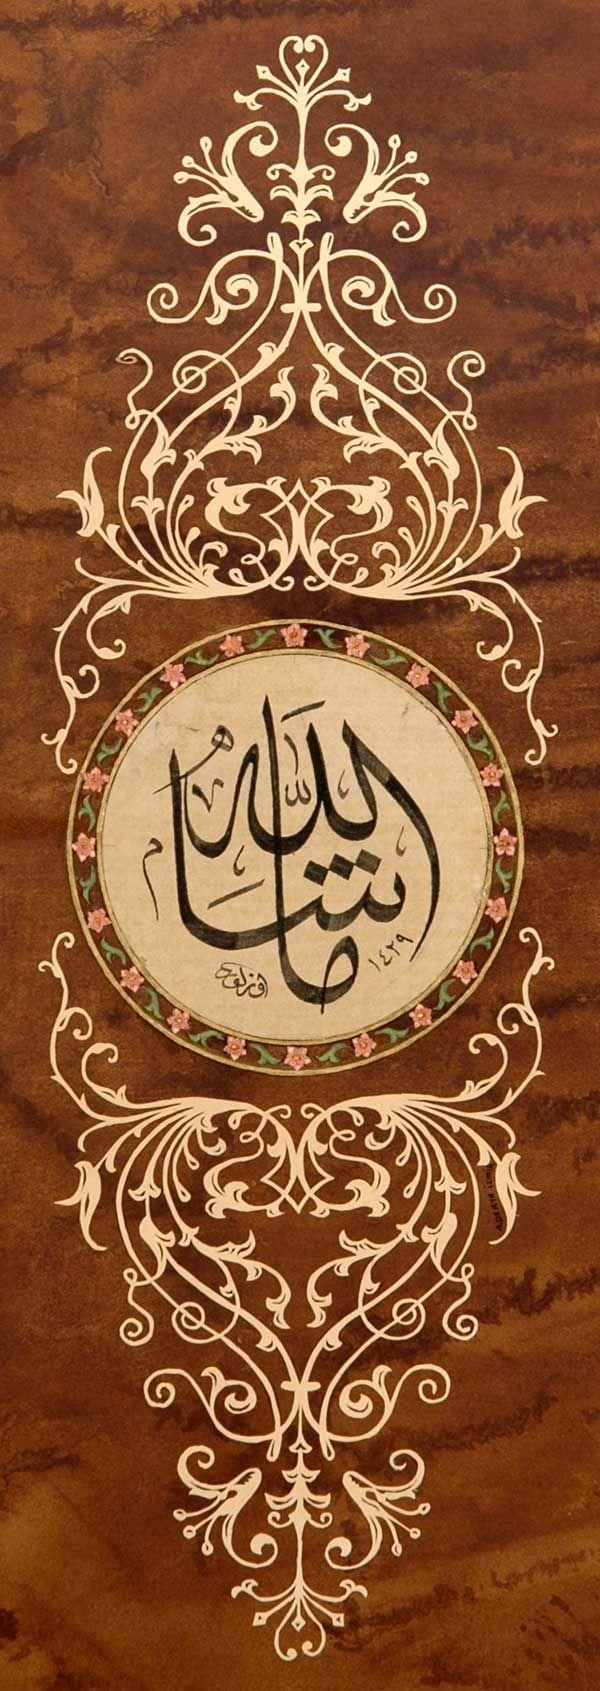 Ottoman paper-cut art & Osmankı Katı' Sanatı & Geleneksel Türk El Sanatları